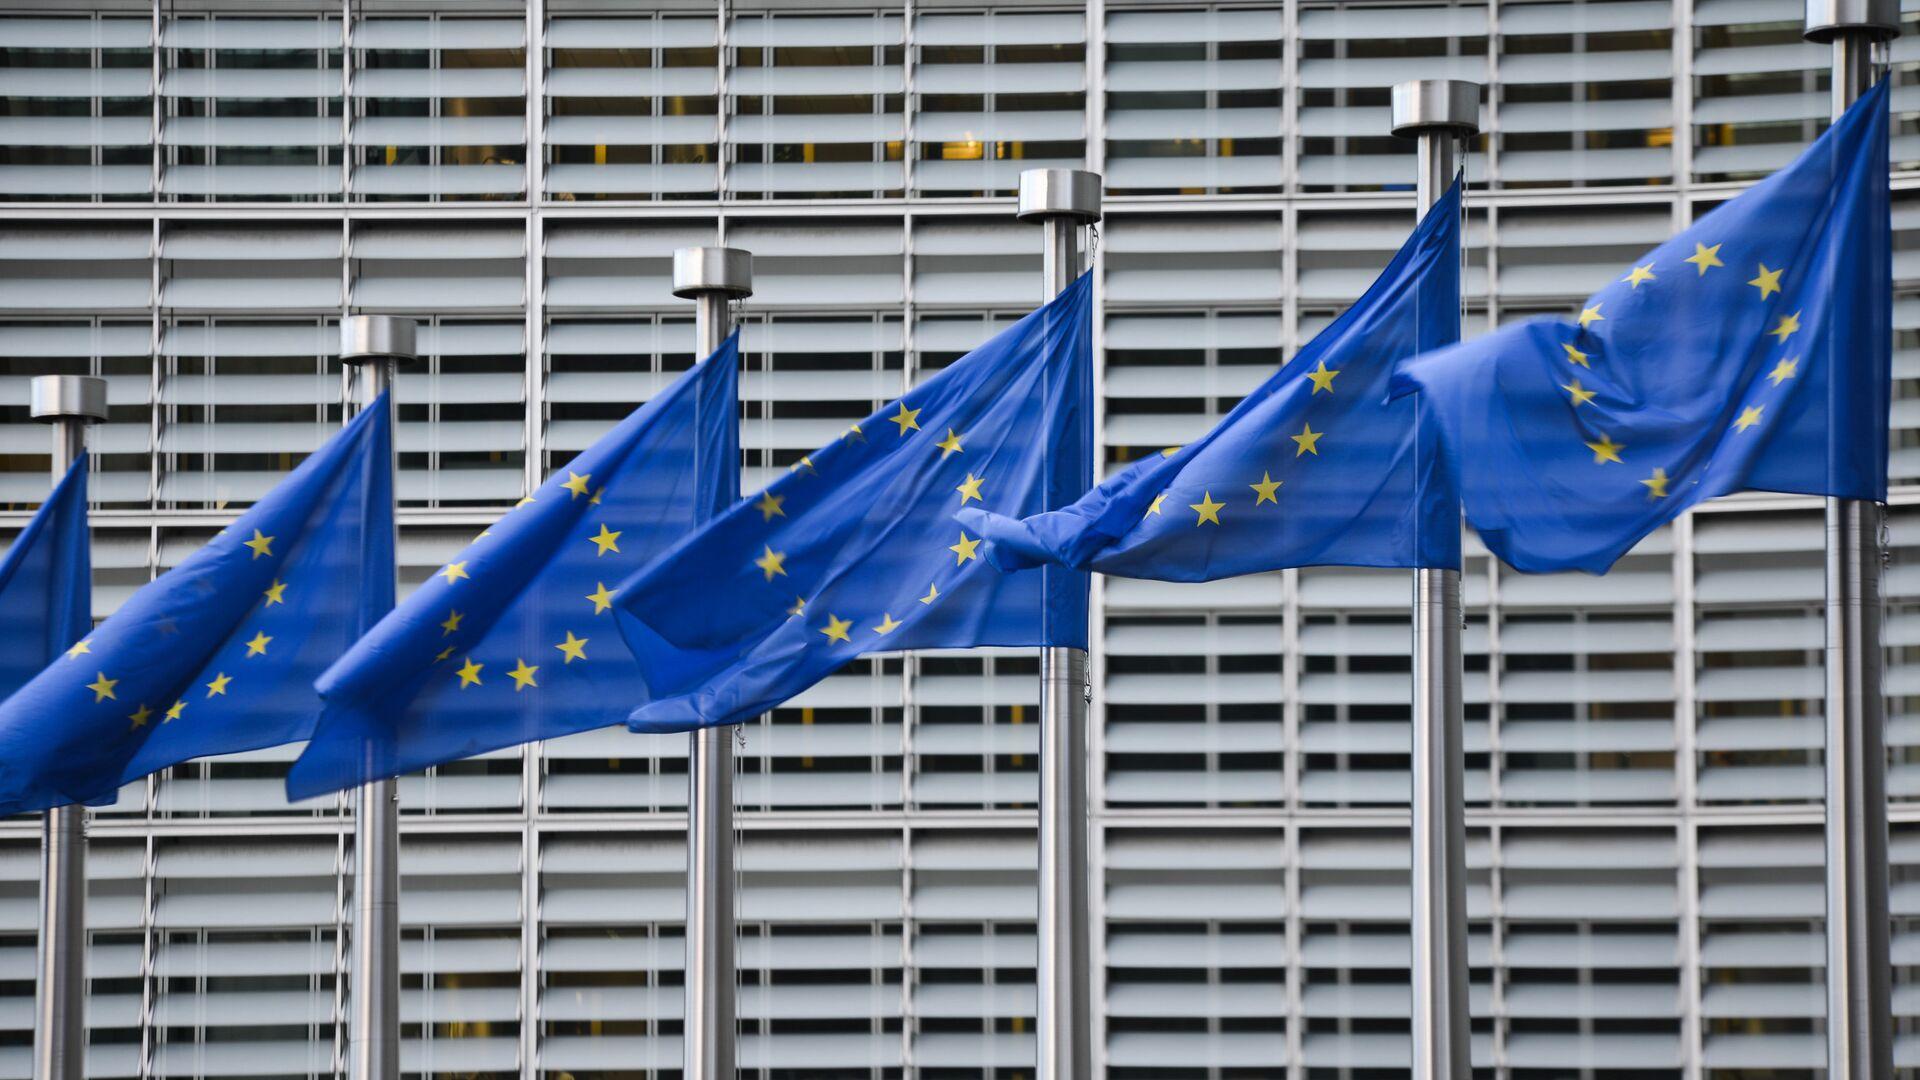 Флаги Евросоюза у здания штаб-квартиры Европейской комиссии в Брюсселе - РИА Новости, 1920, 10.09.2020